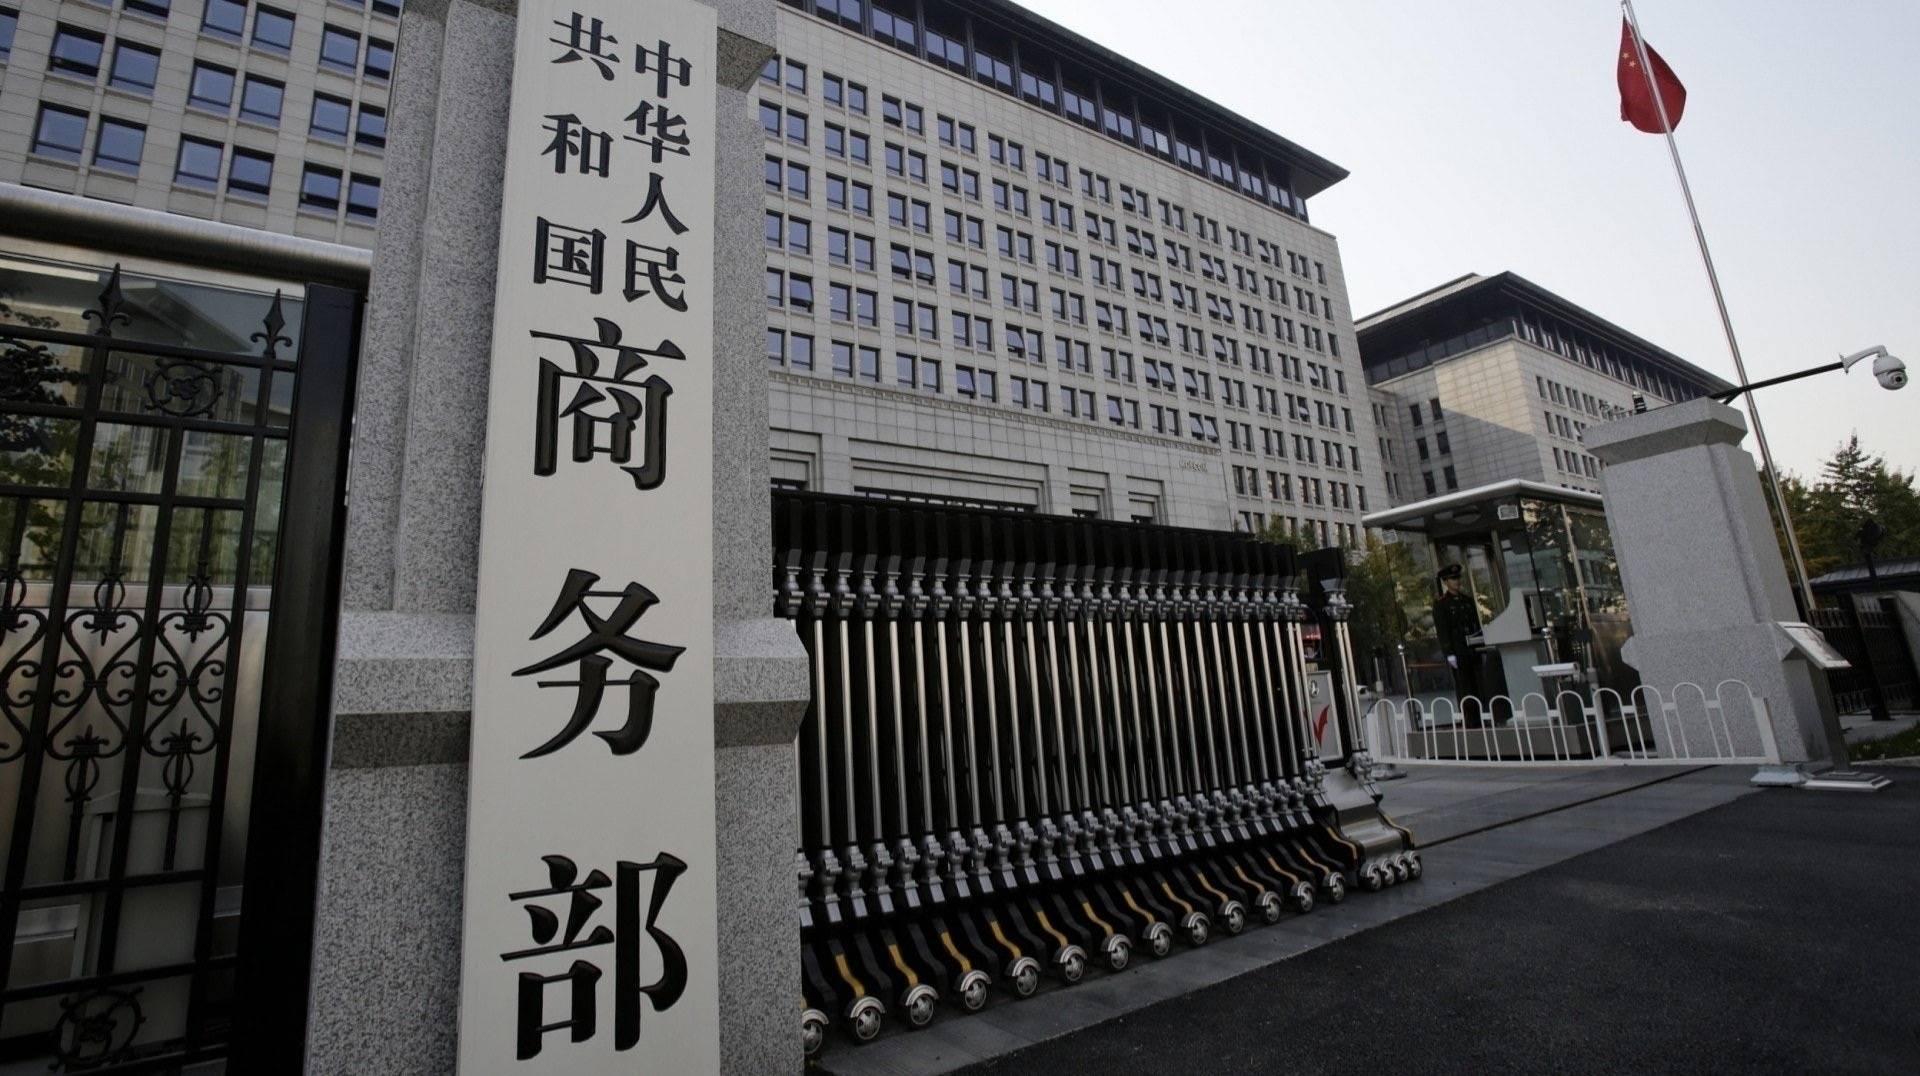 【虎嗅晚报】商务部:中国将建立不可靠实体清单制度;小米成立质量办公室